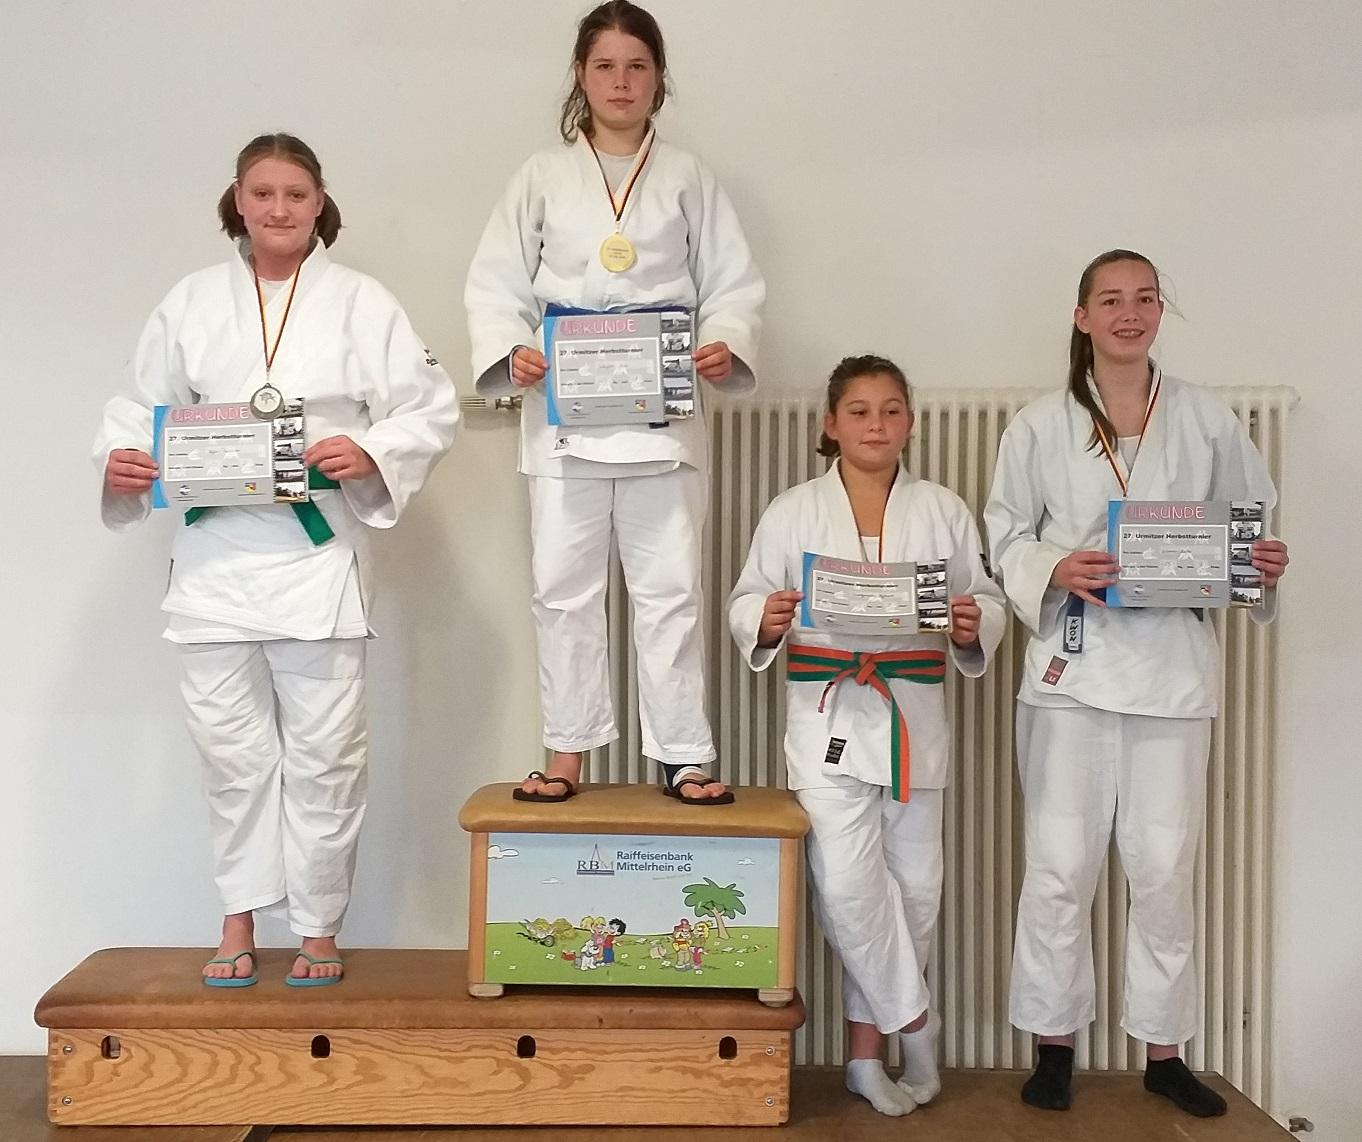 Uchtelfanger und Merziger Judoka erfolgreich beim Herbstpokalturnier in Urmitz